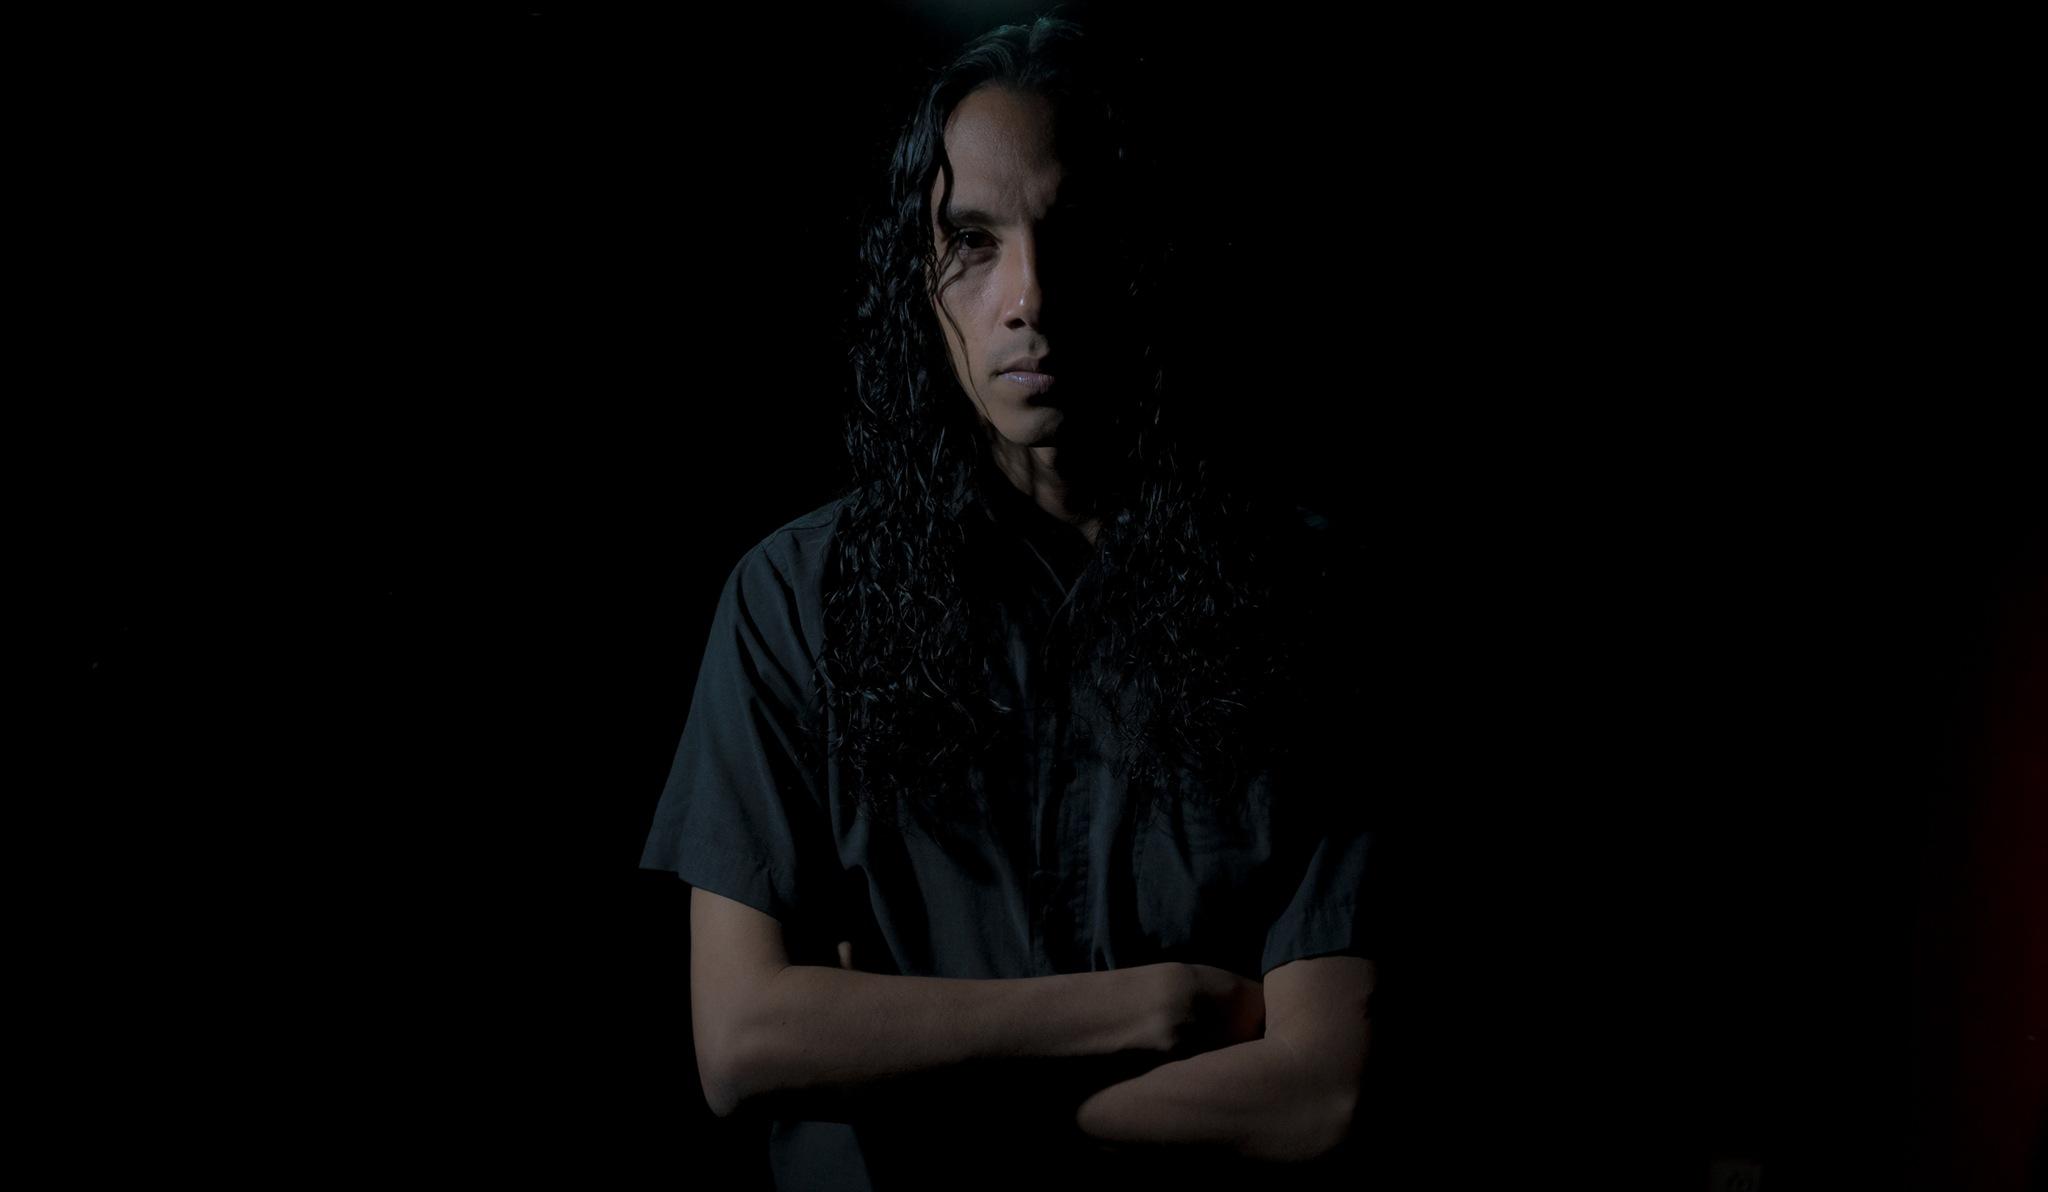 Jonathan Juarez Lopez